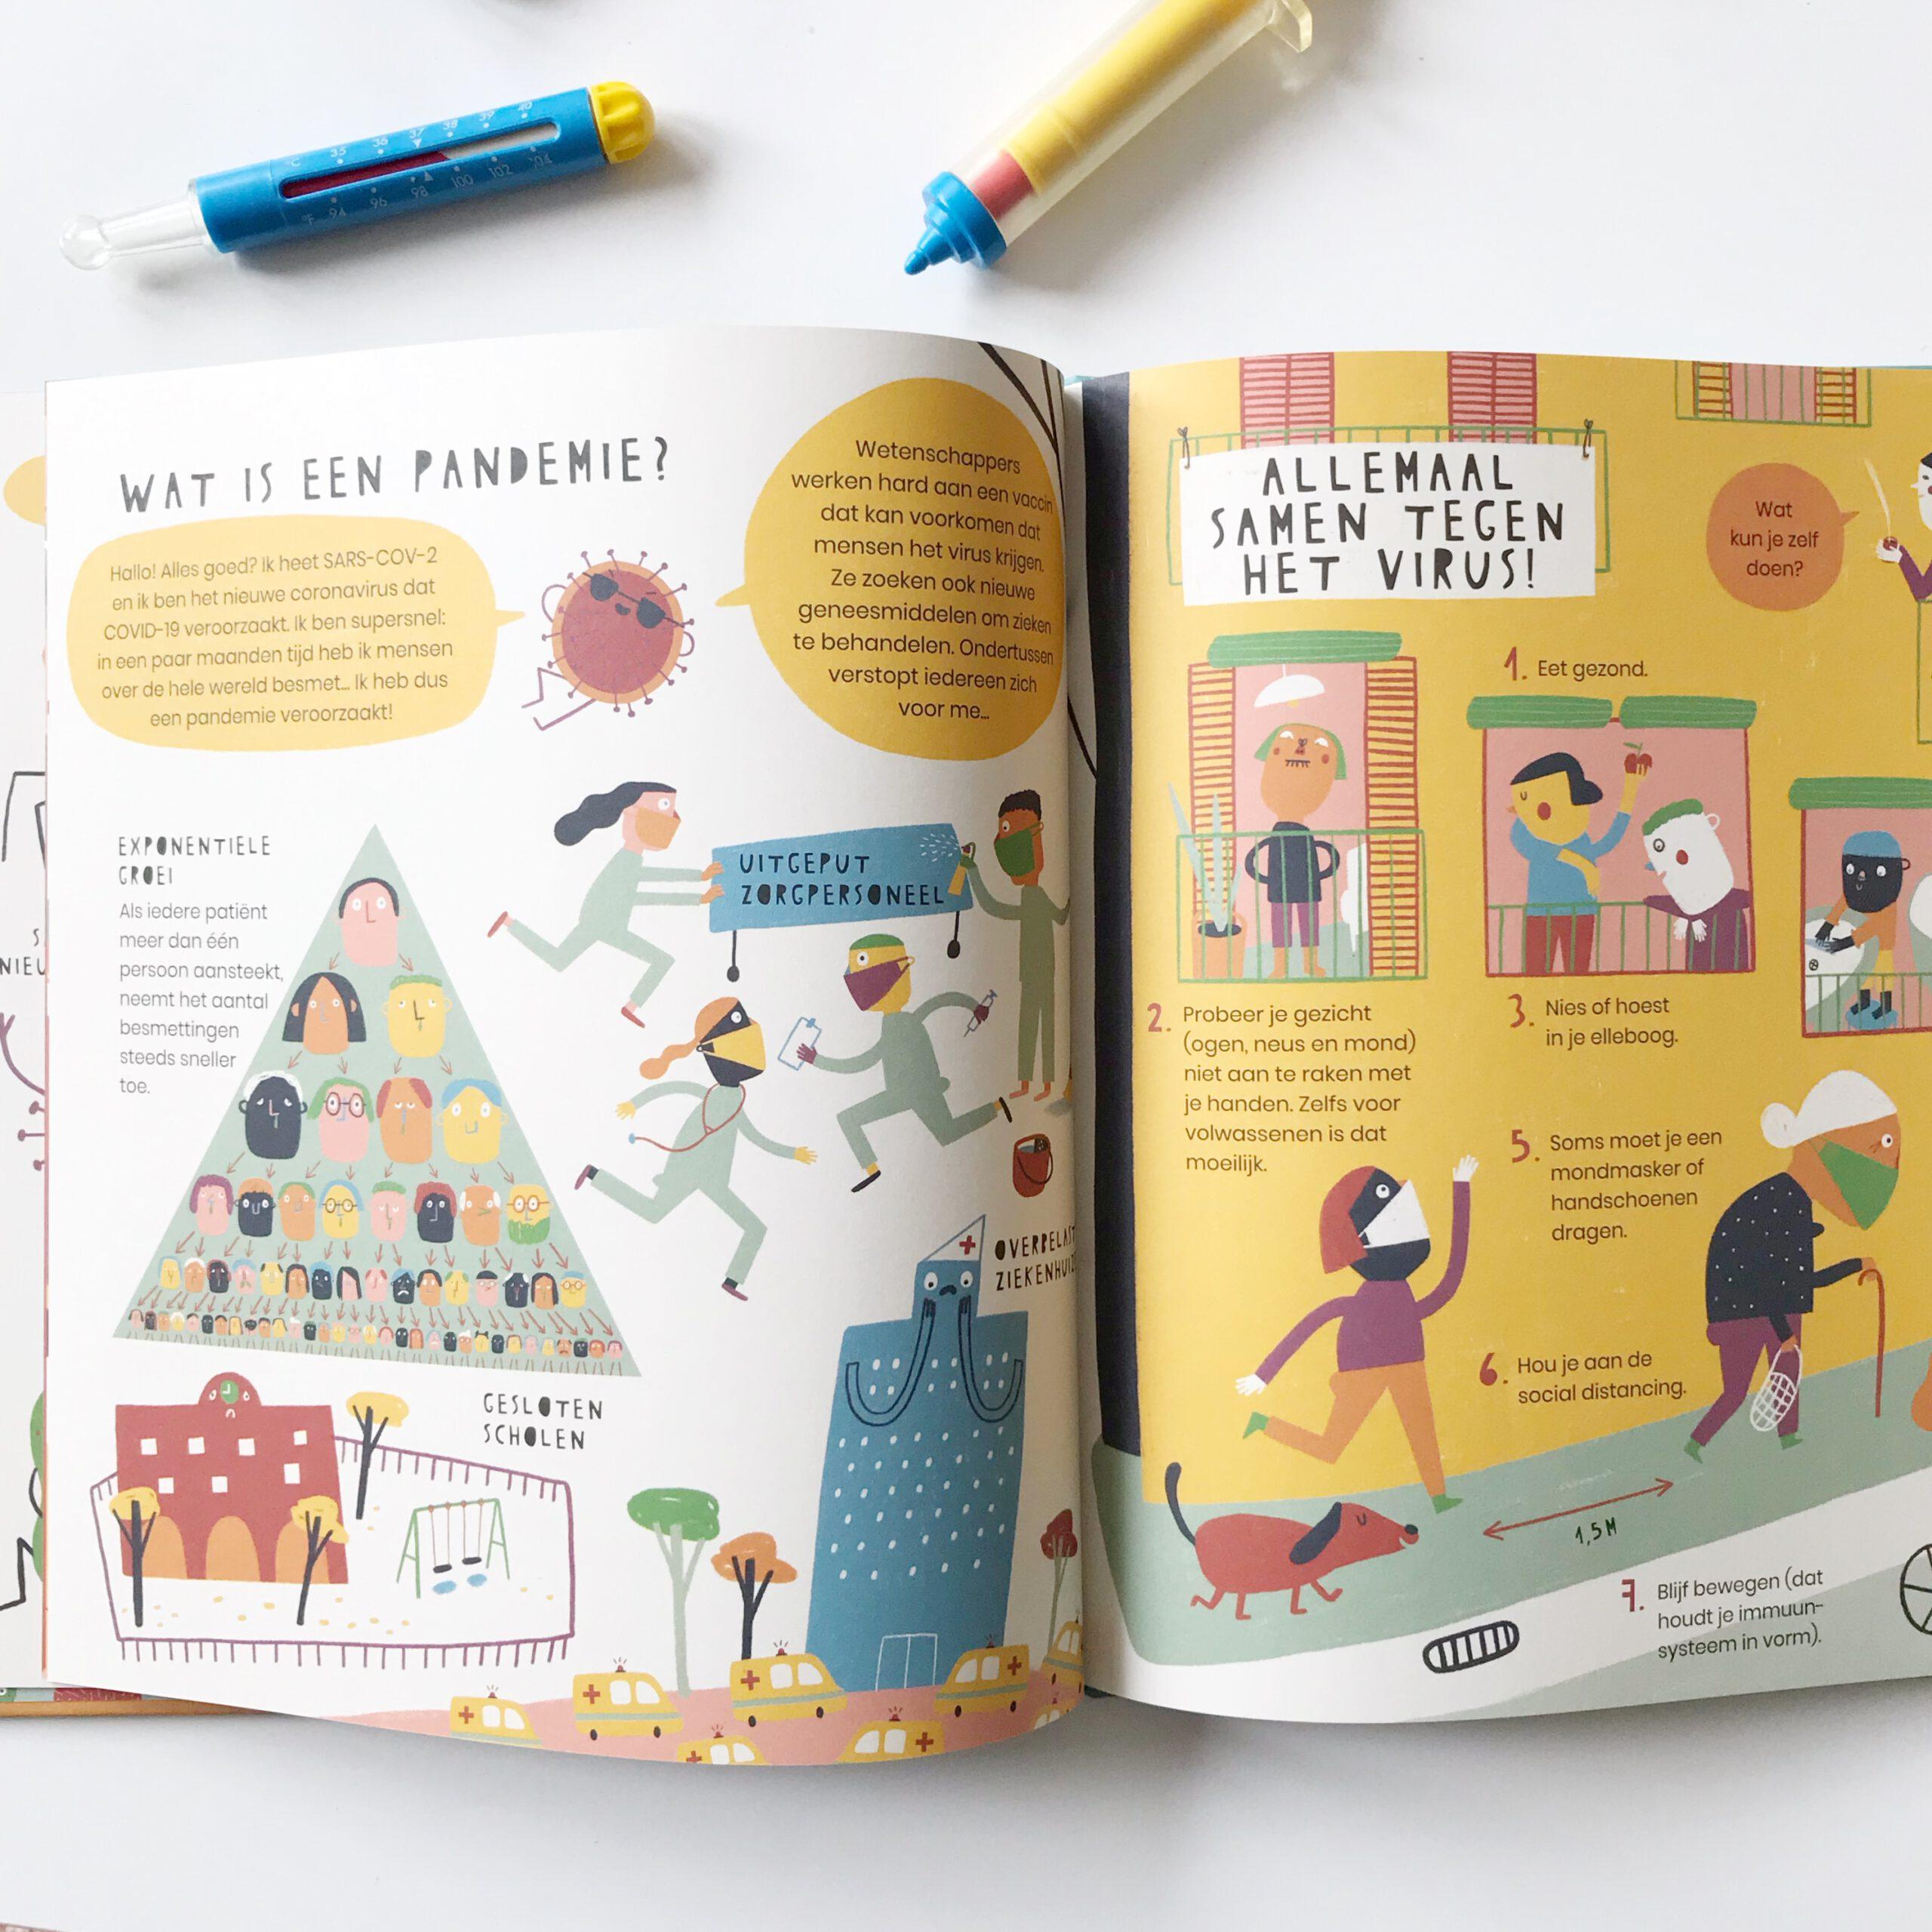 Wat is een pandemie uitleg kinderen kinderboek virussen